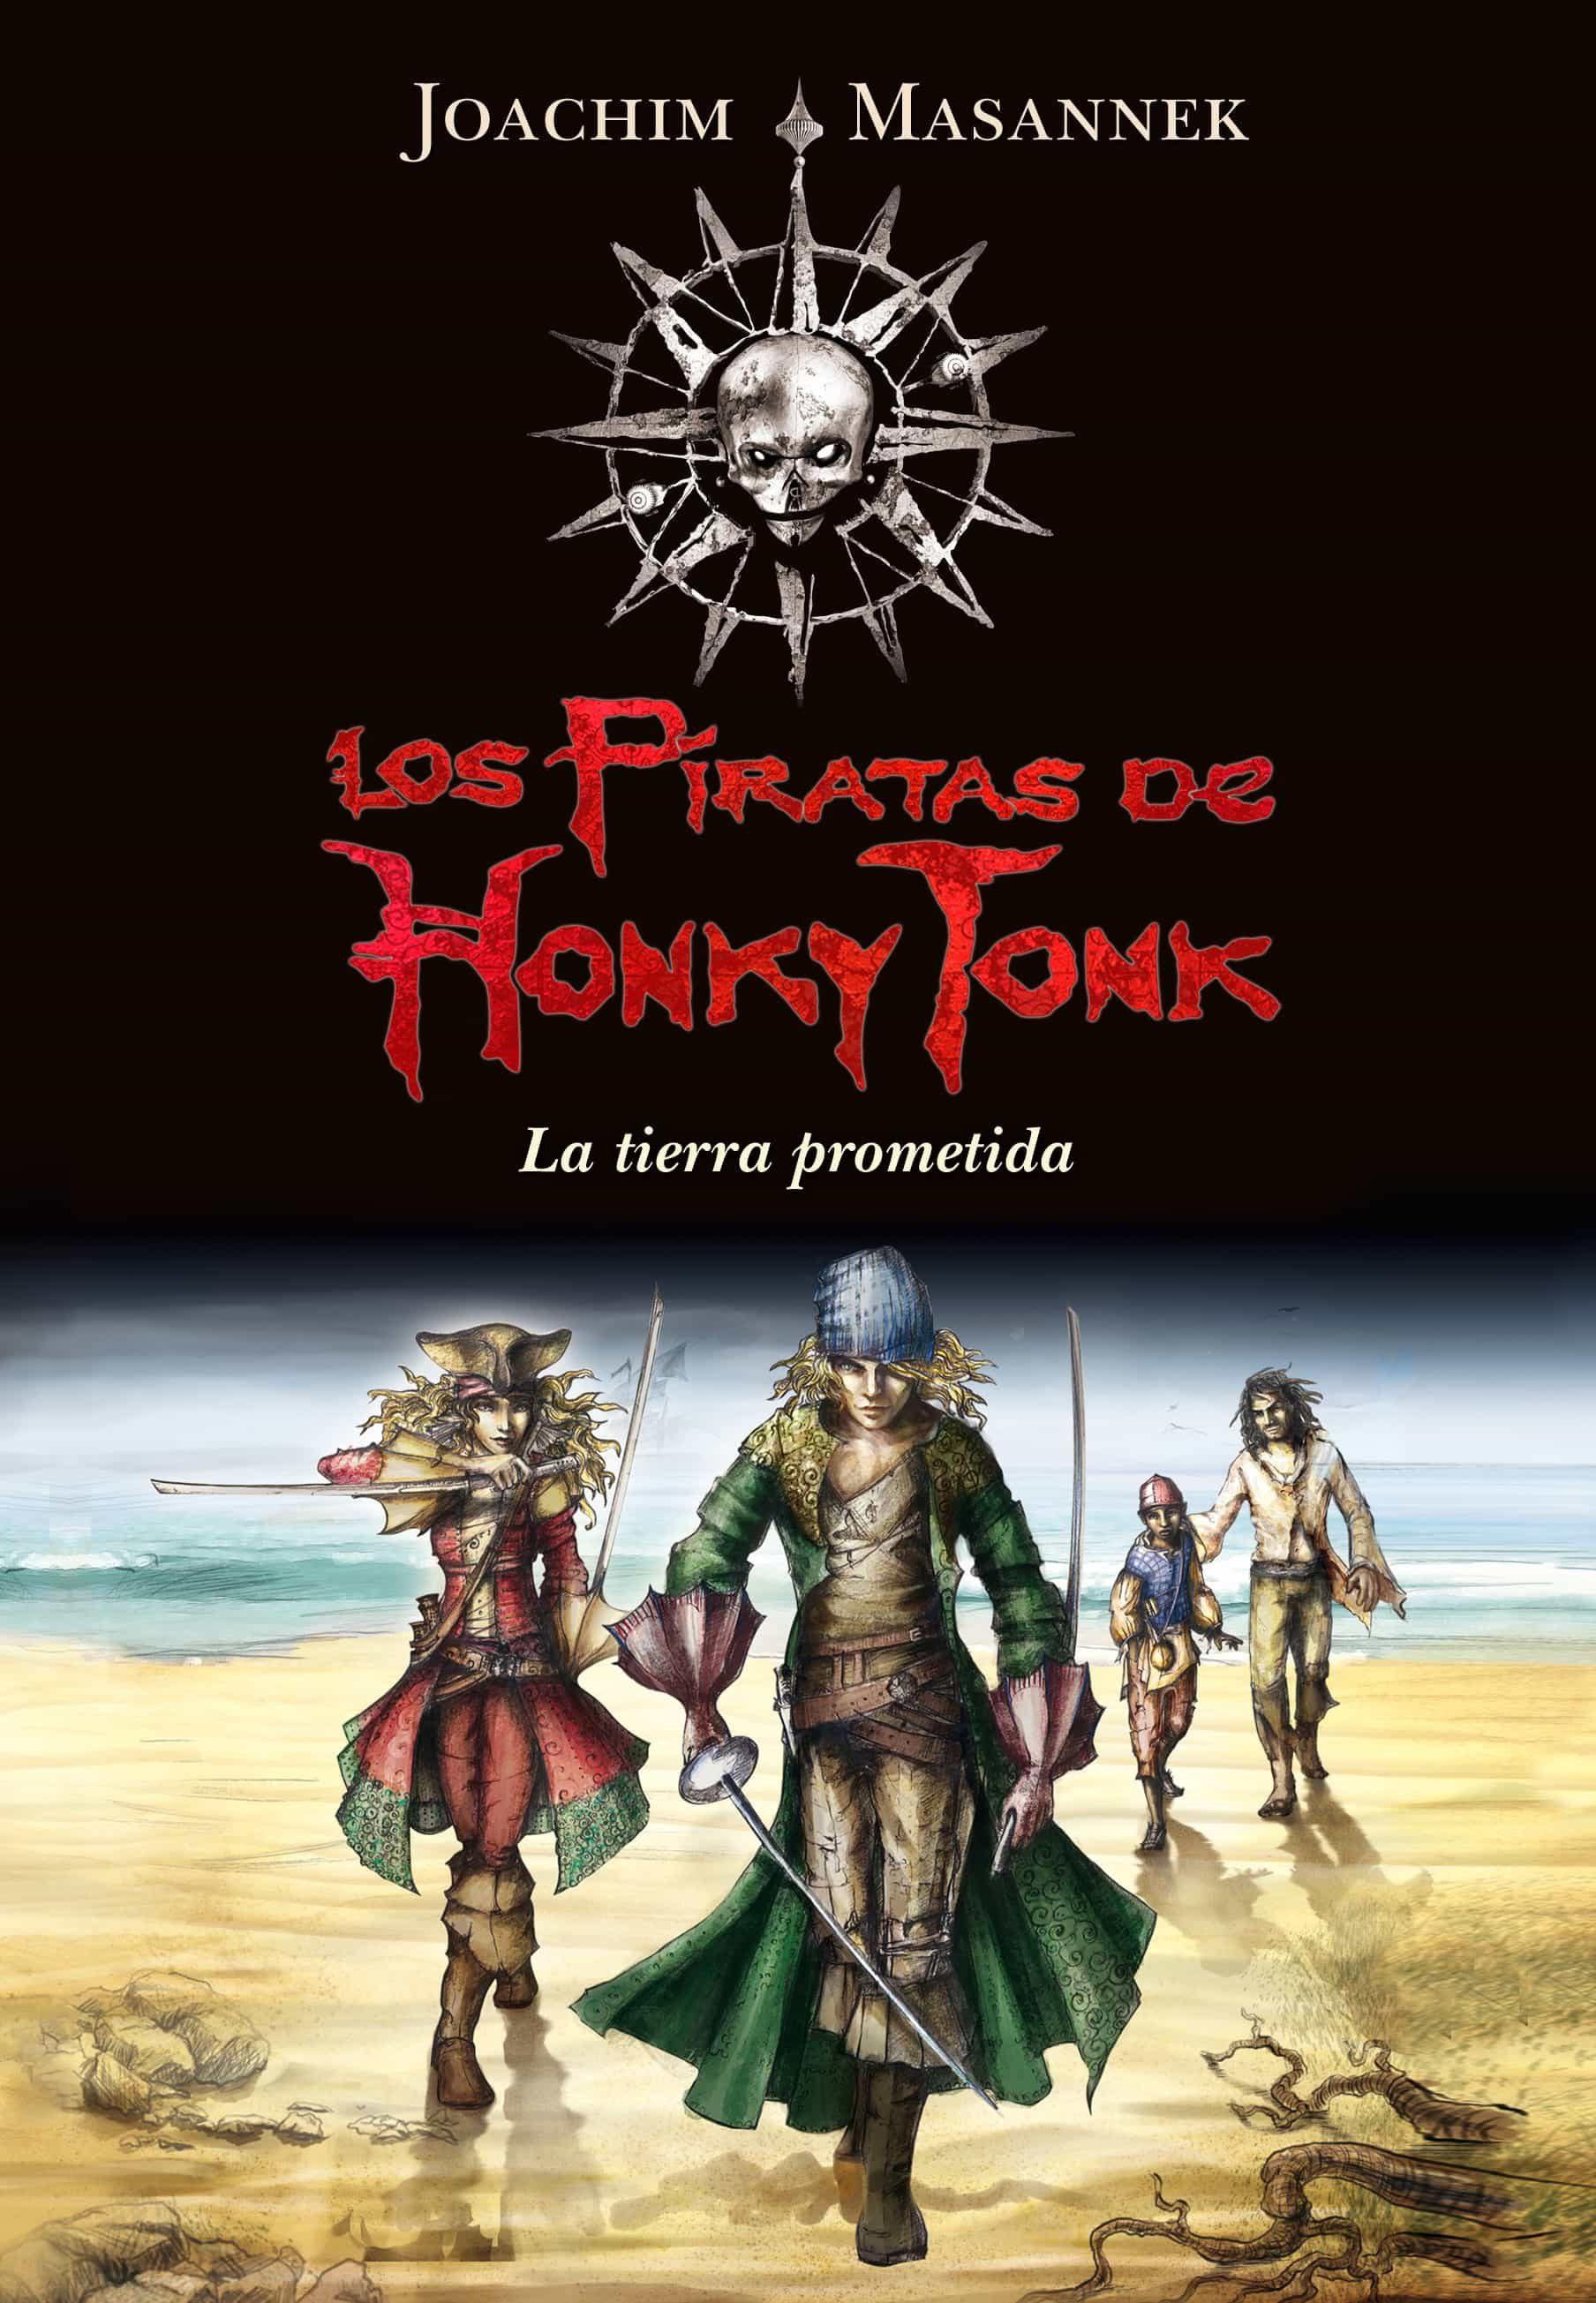 La tierra prometida (Los piratas de Honky Tonk 1)